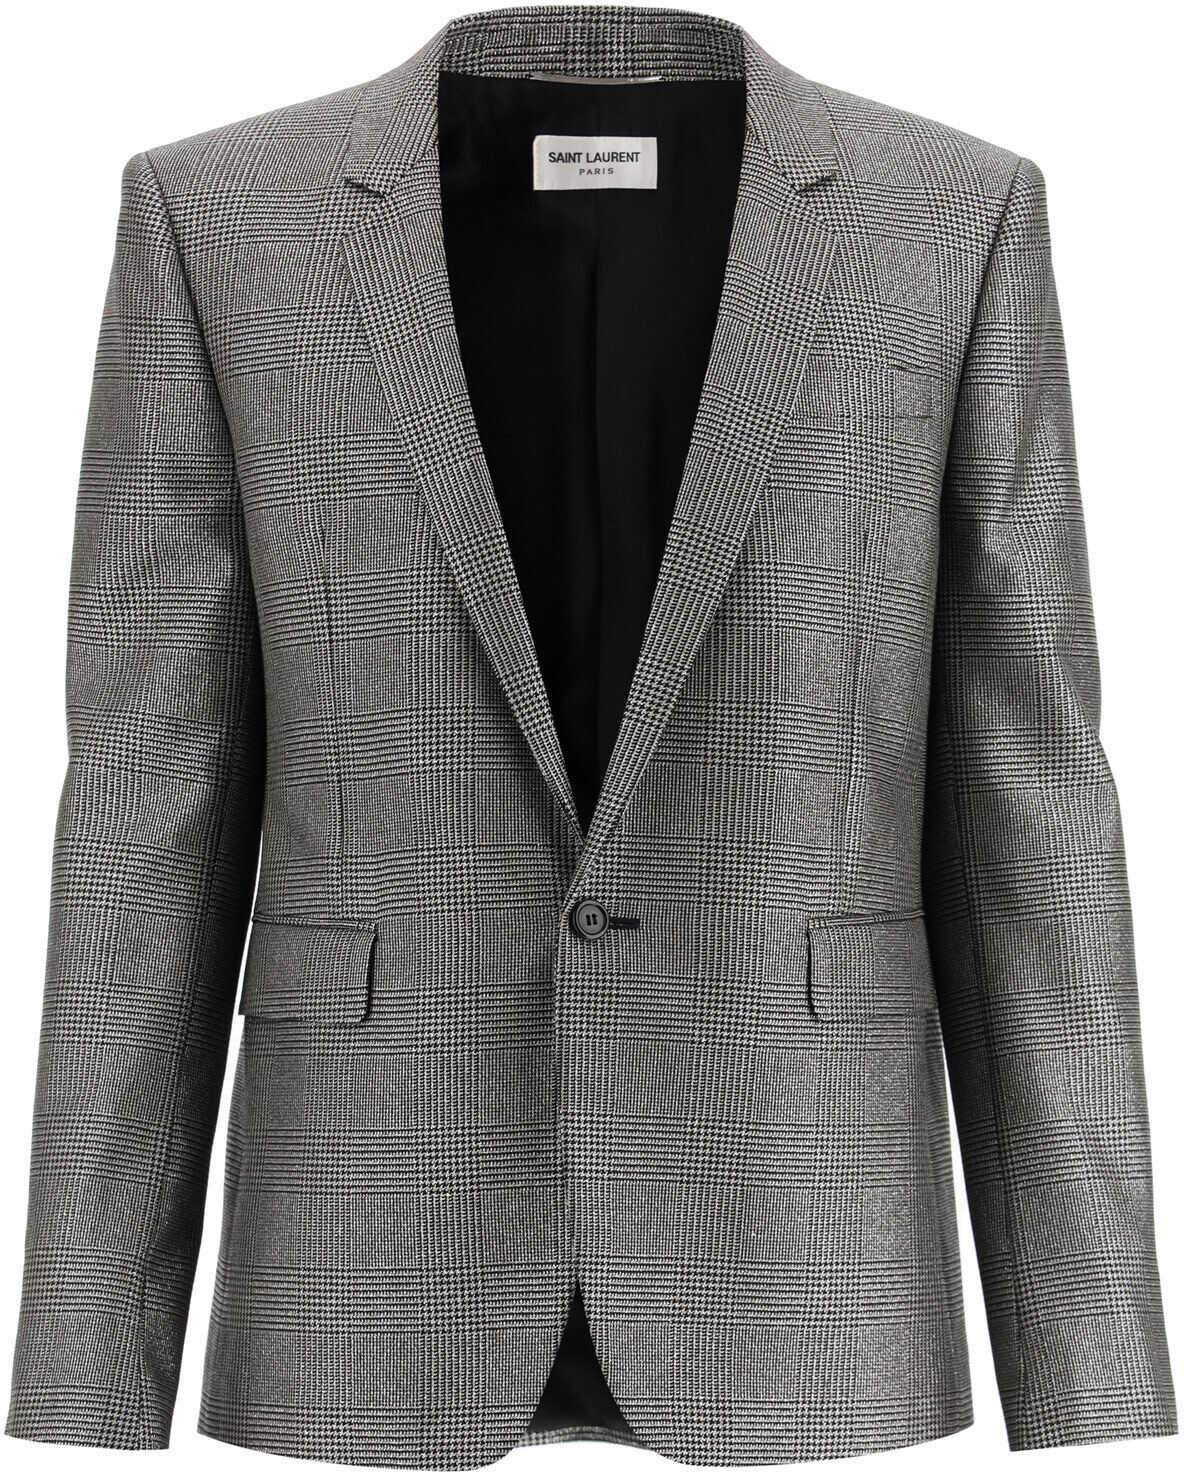 Saint Laurent Prince Of Wales Lame Jacket NOIR ARGENT imagine